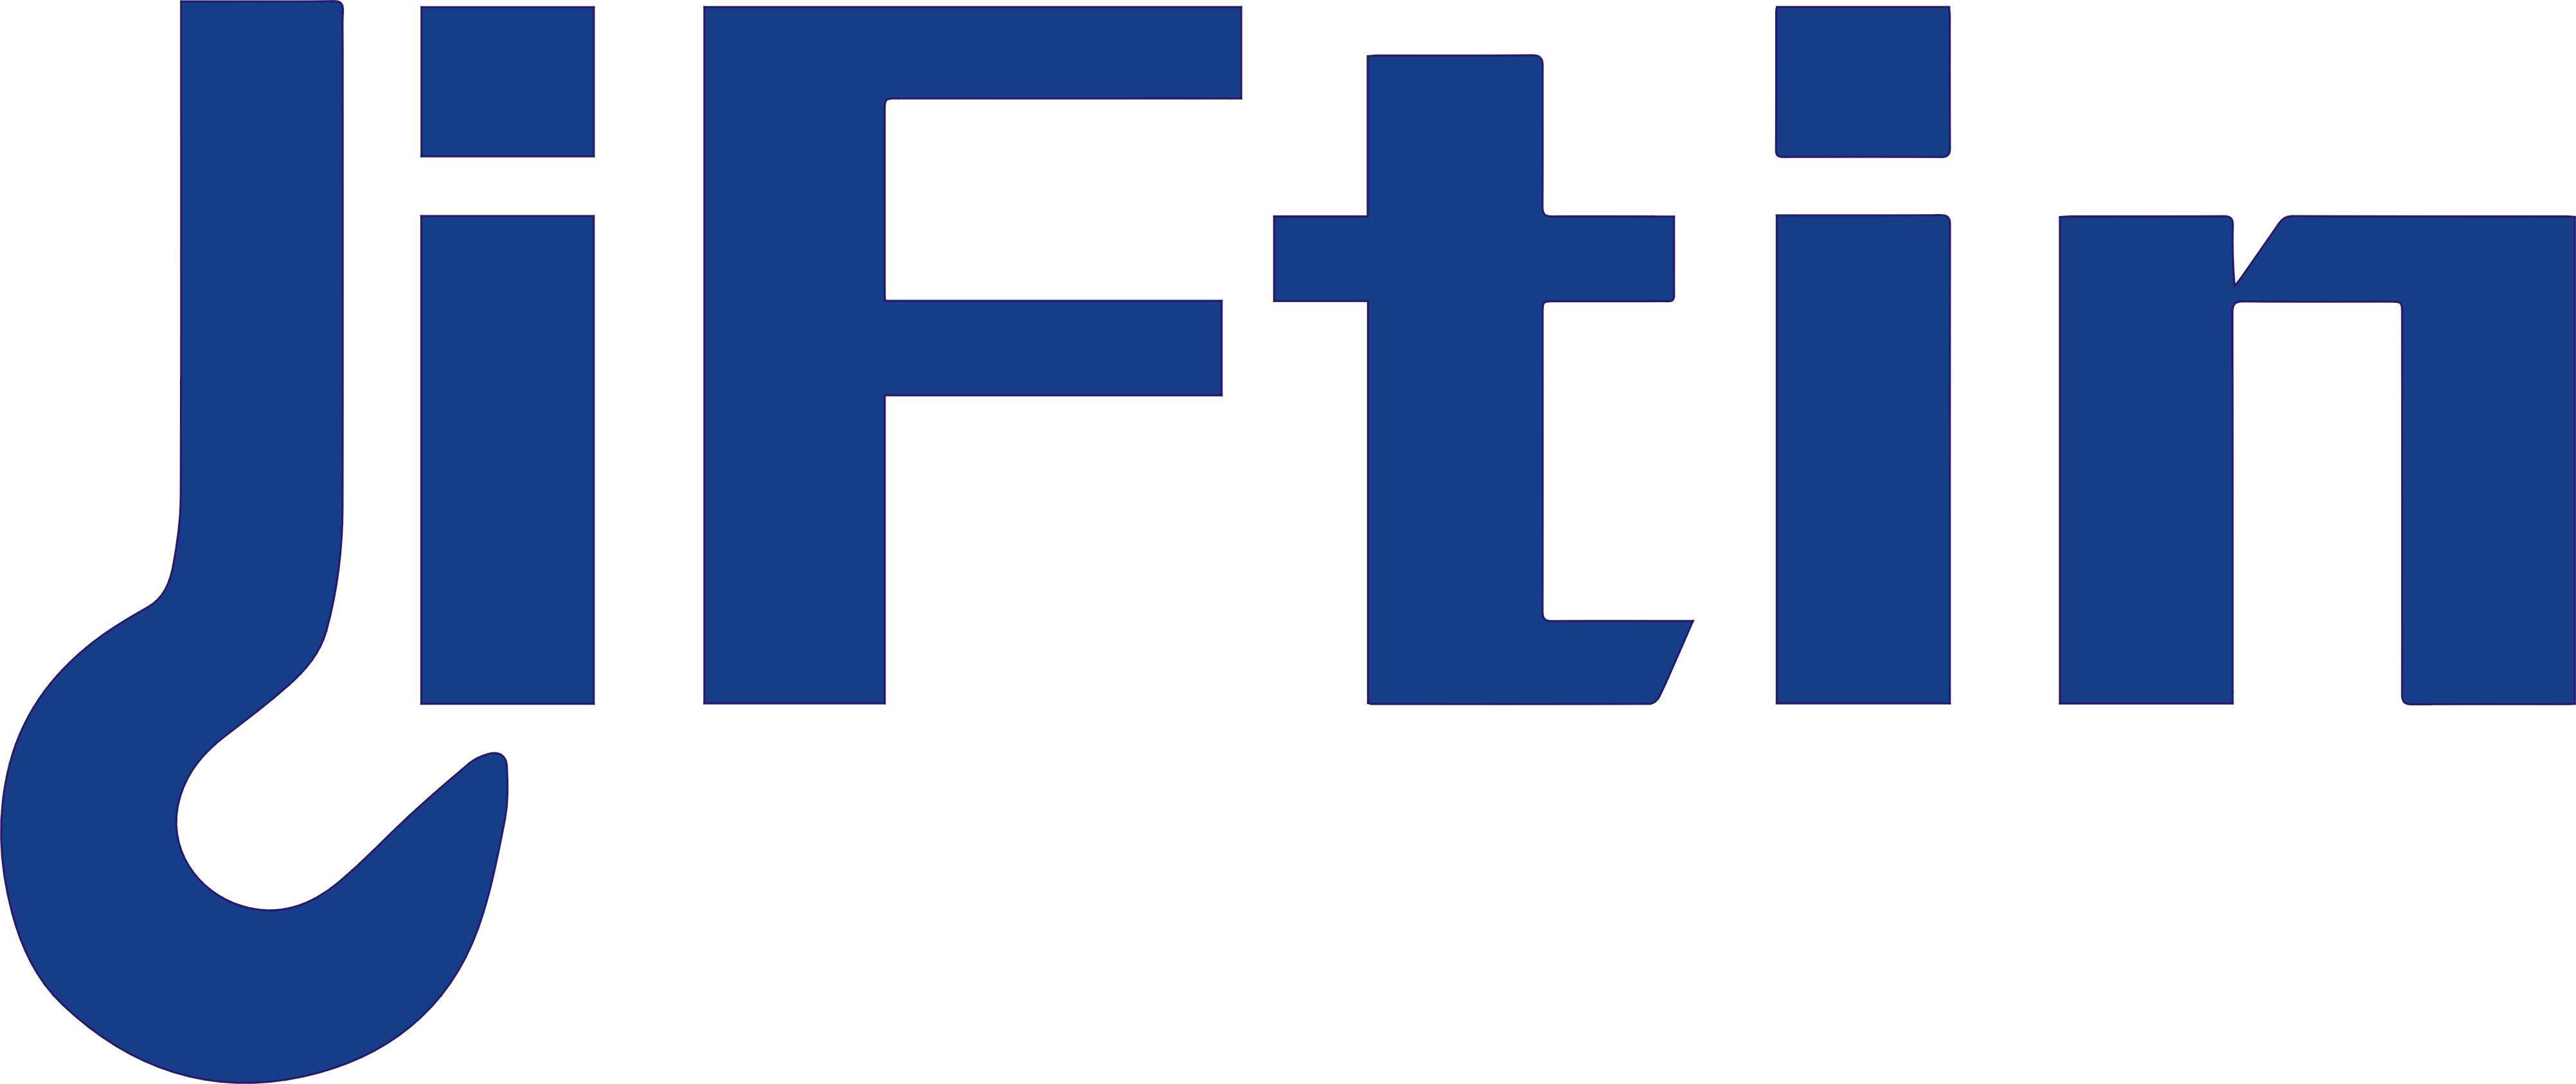 logo 标识 标志 设计 矢量 矢量图 素材 图标 4008_1686